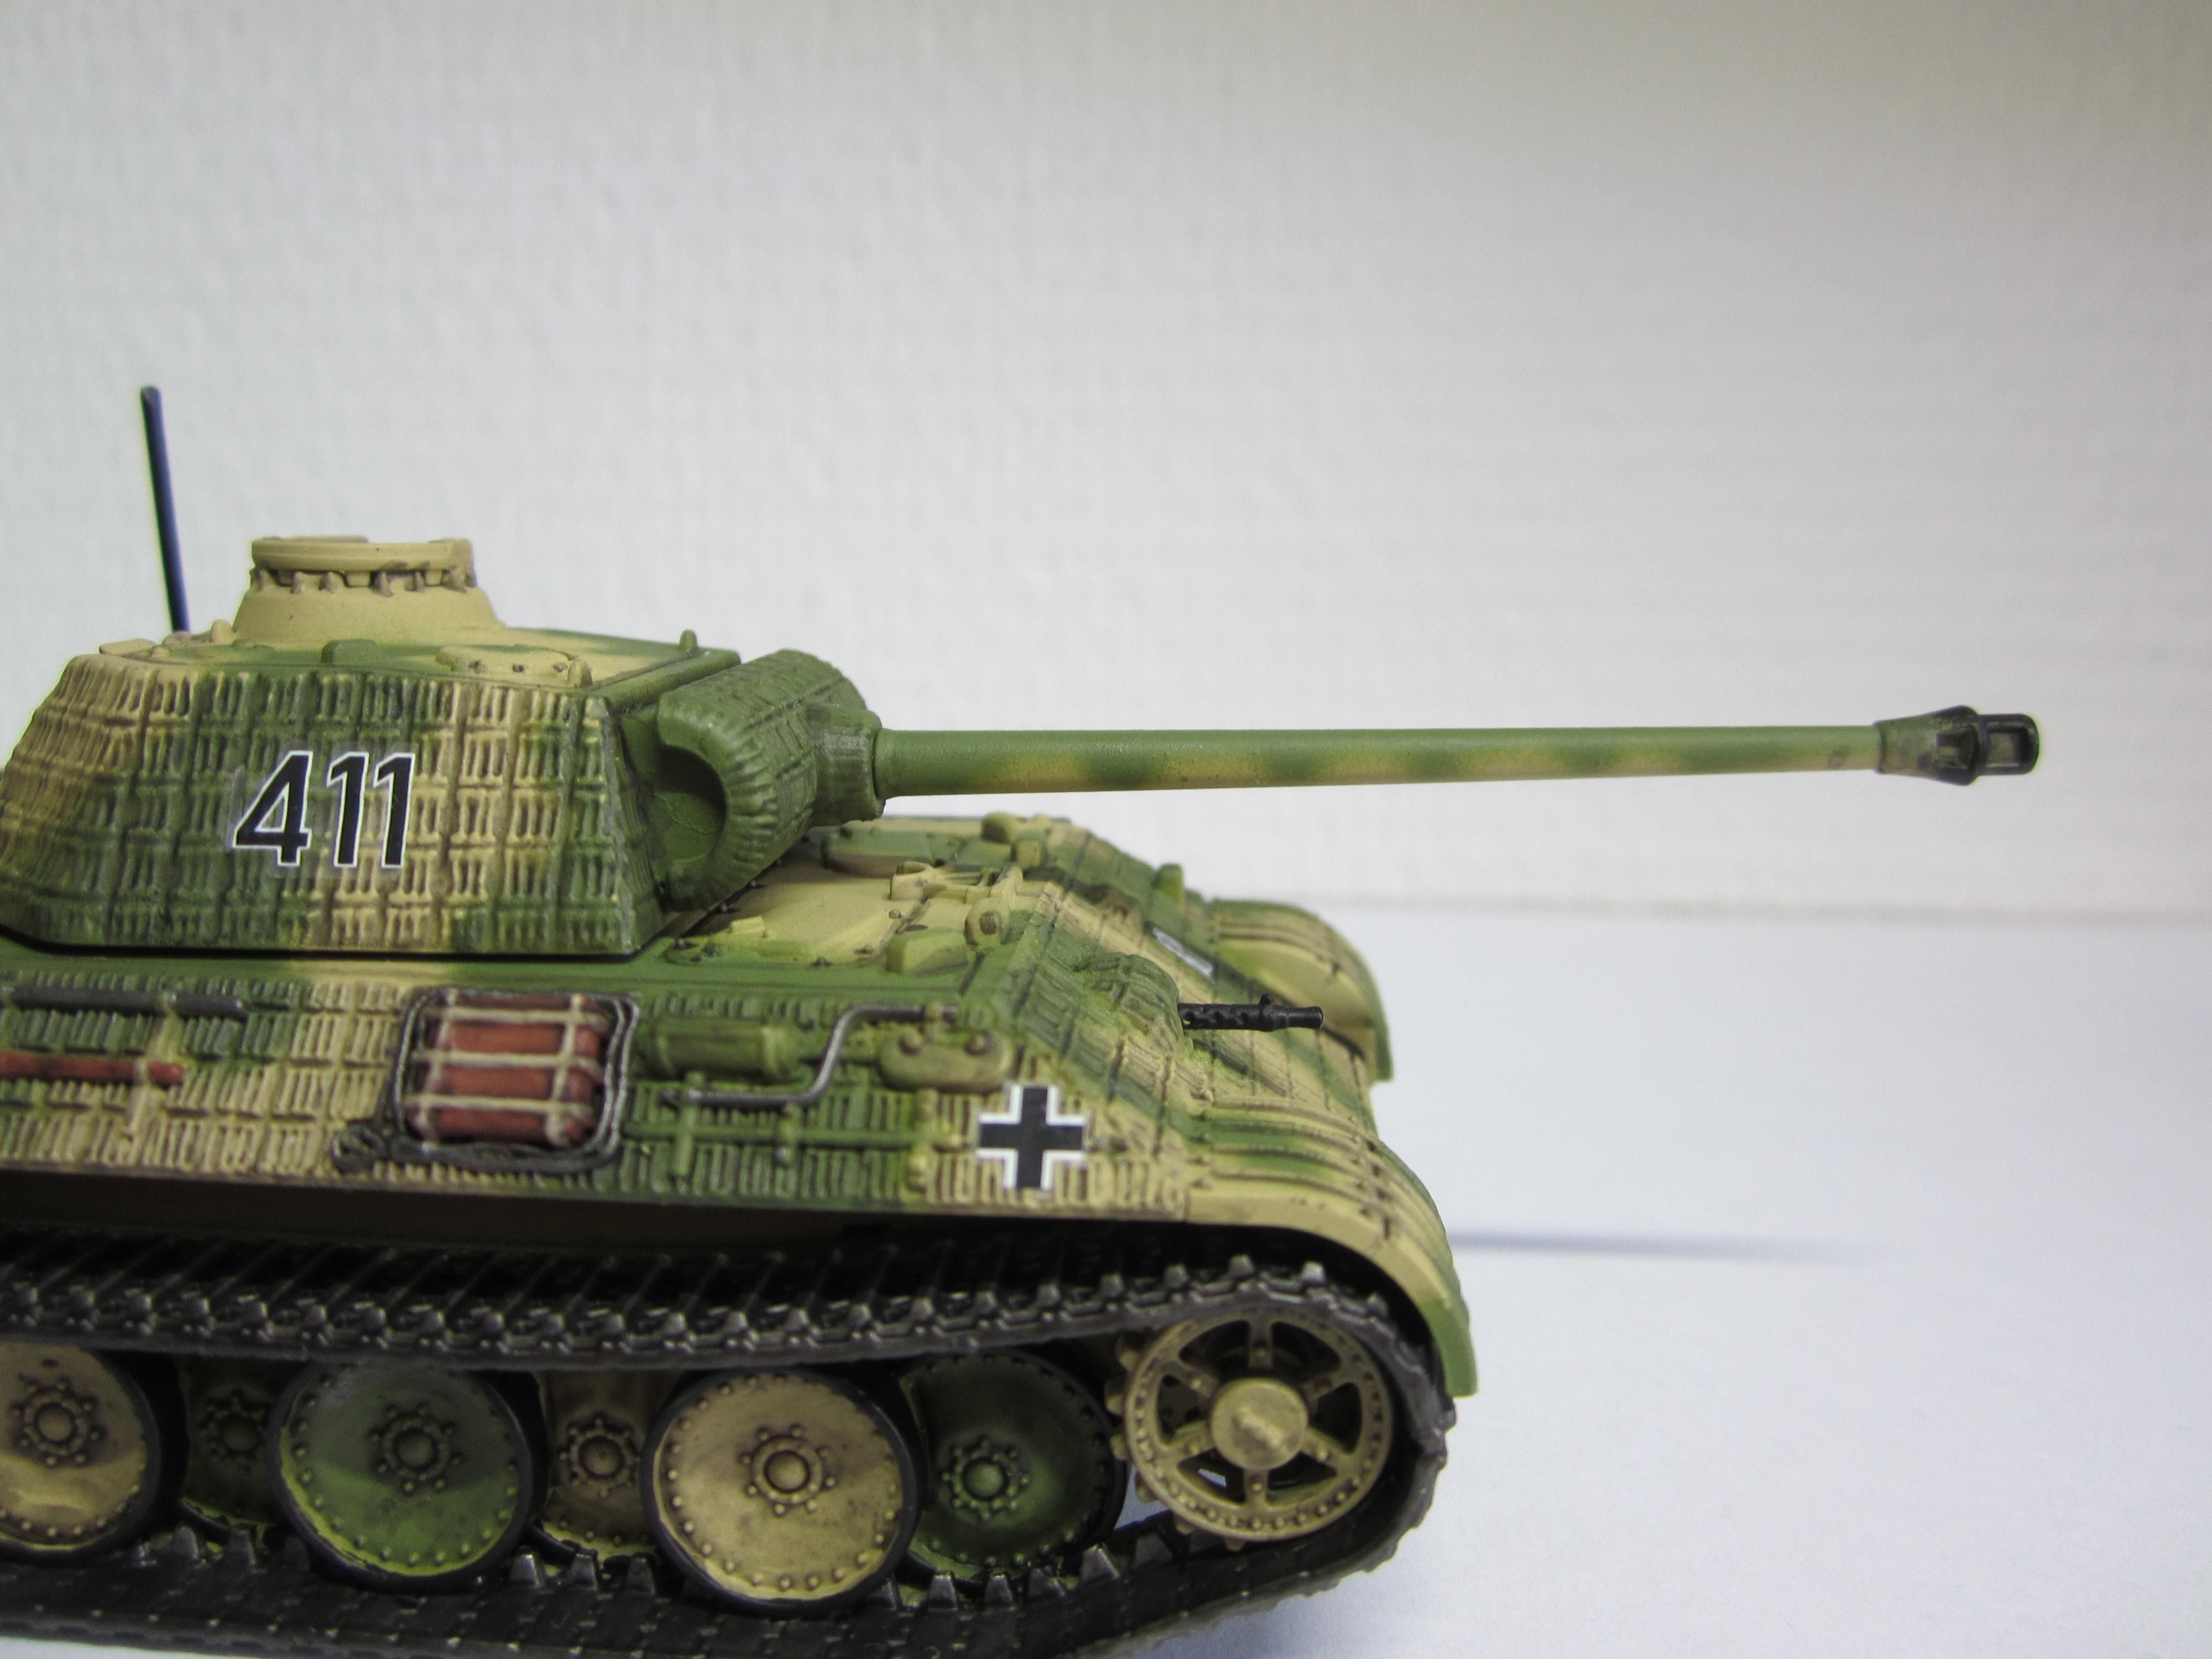 Figuren KöniG's Panzer Lehr Division - Seite 4 Img_38474nssd